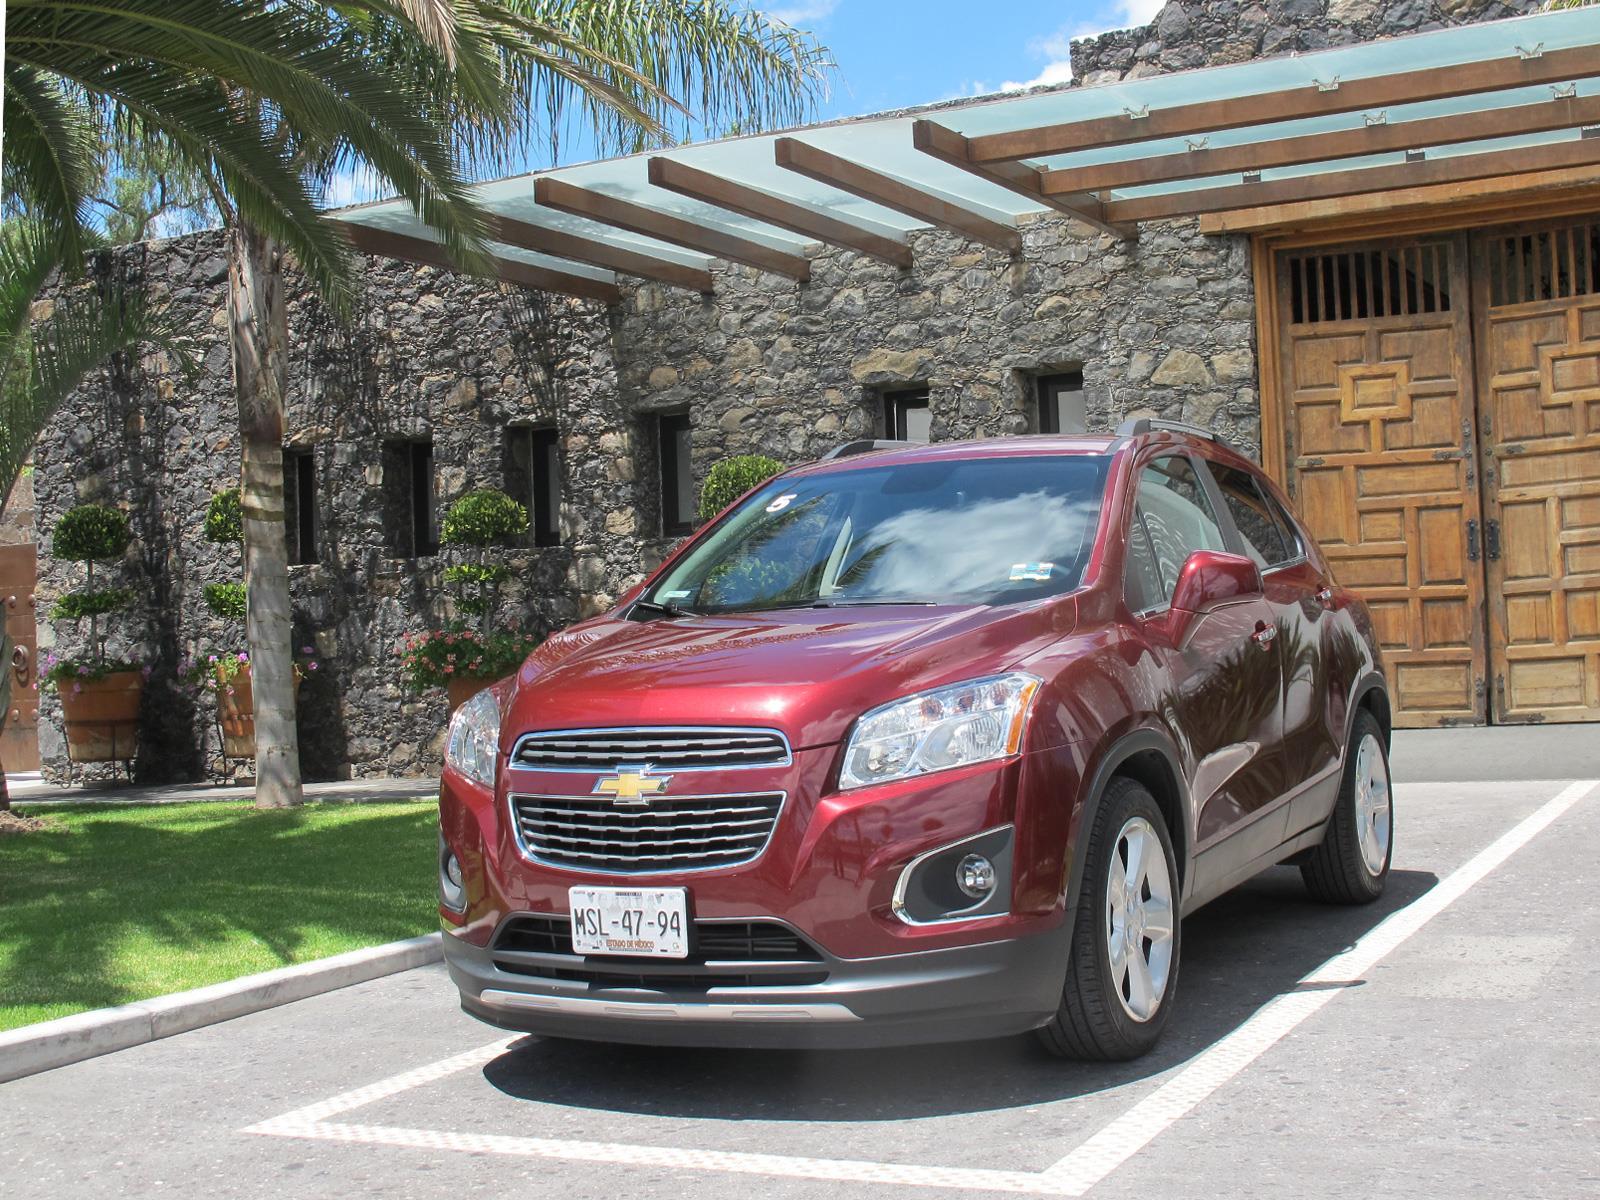 Las 4 nuevas cosas que encontrarás en la Chevrolet Trax 2015 - Autocosmos.com